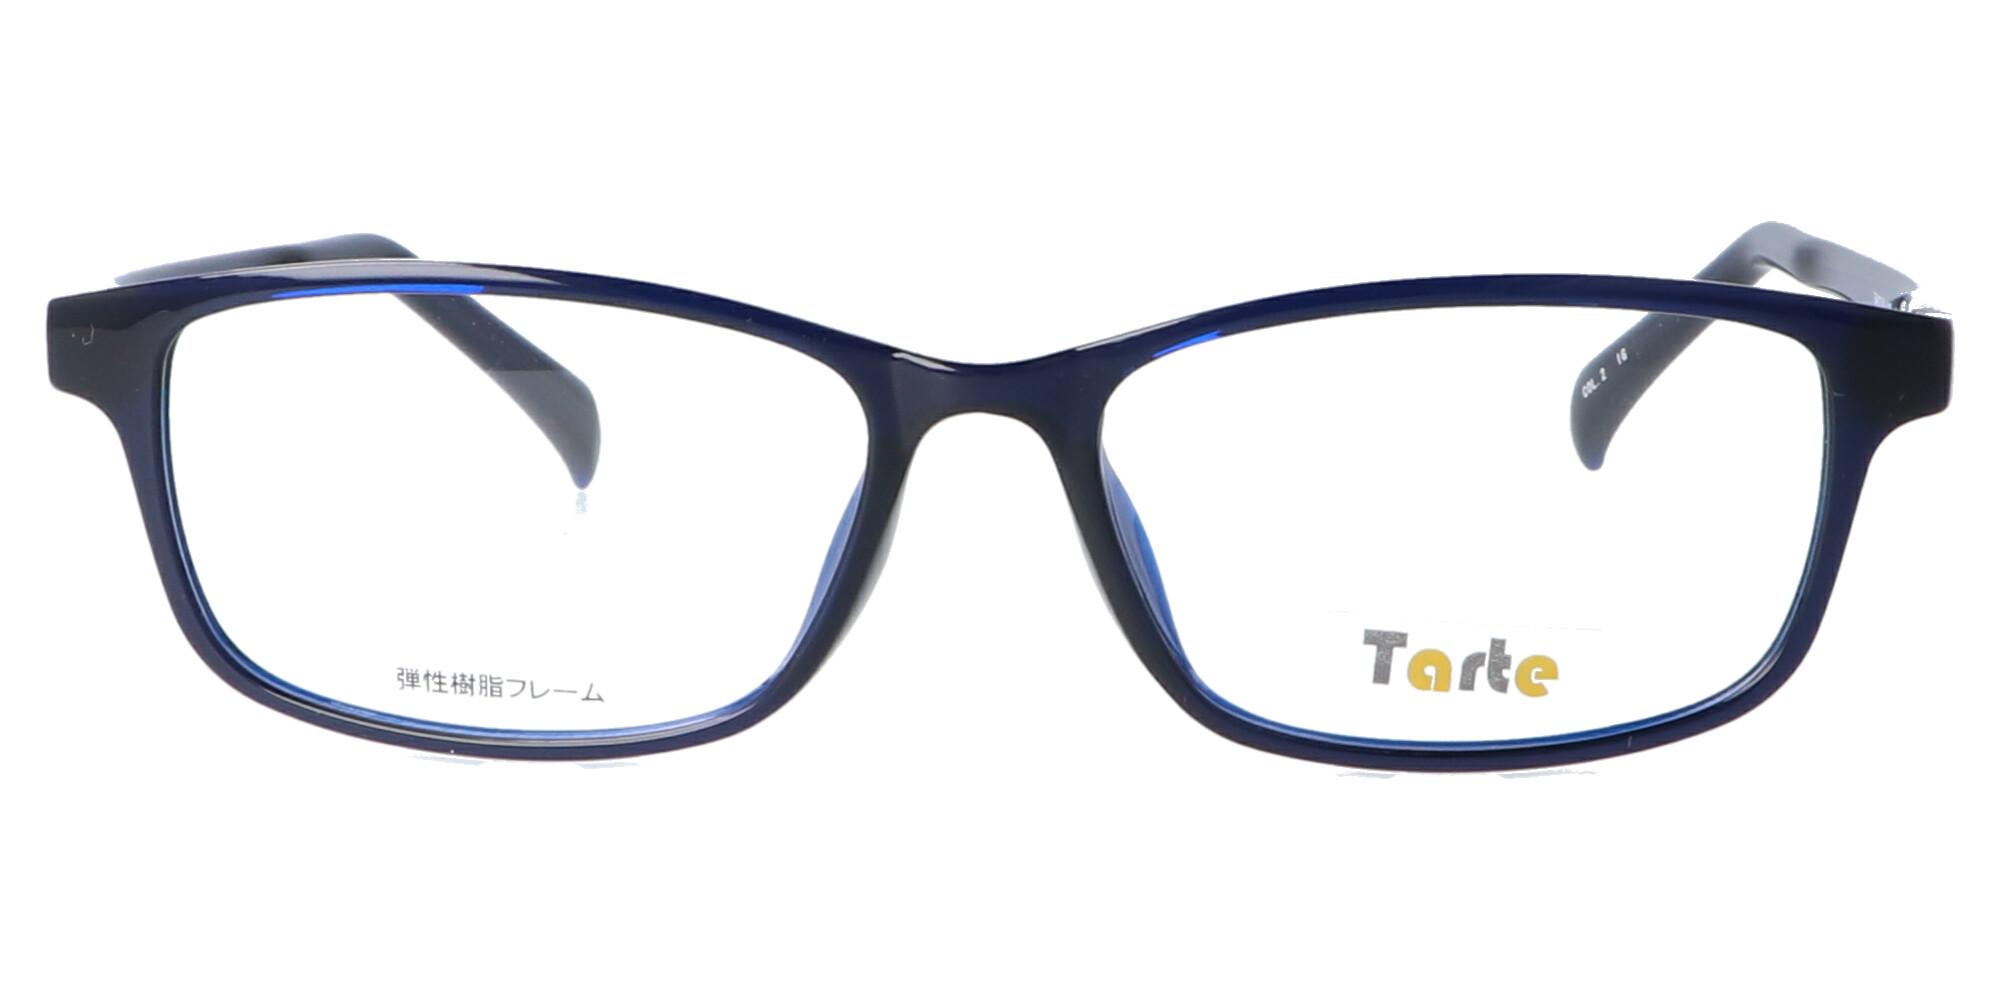 タルト TAR4015_56_クリアネイビー